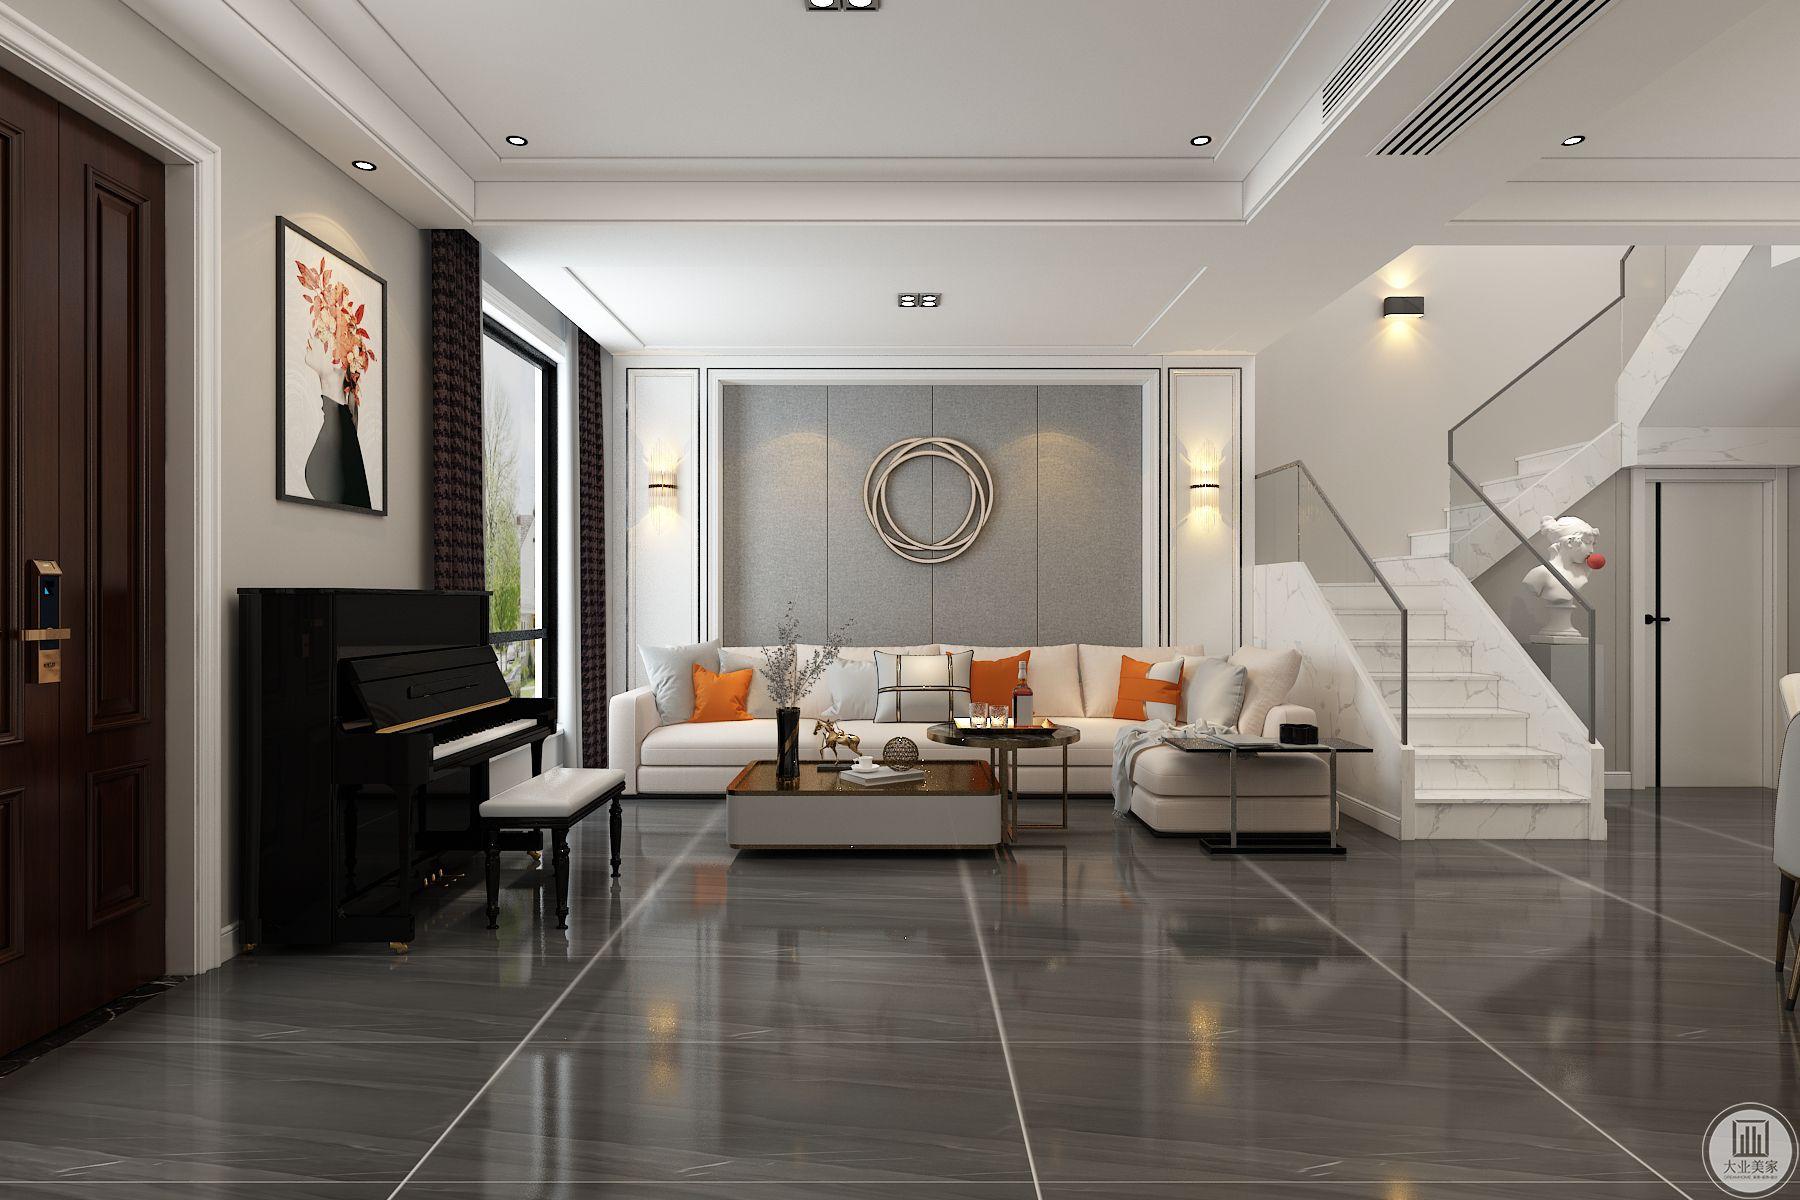 沙发背景墙中间用硬包,两侧定制墙板做对称造型